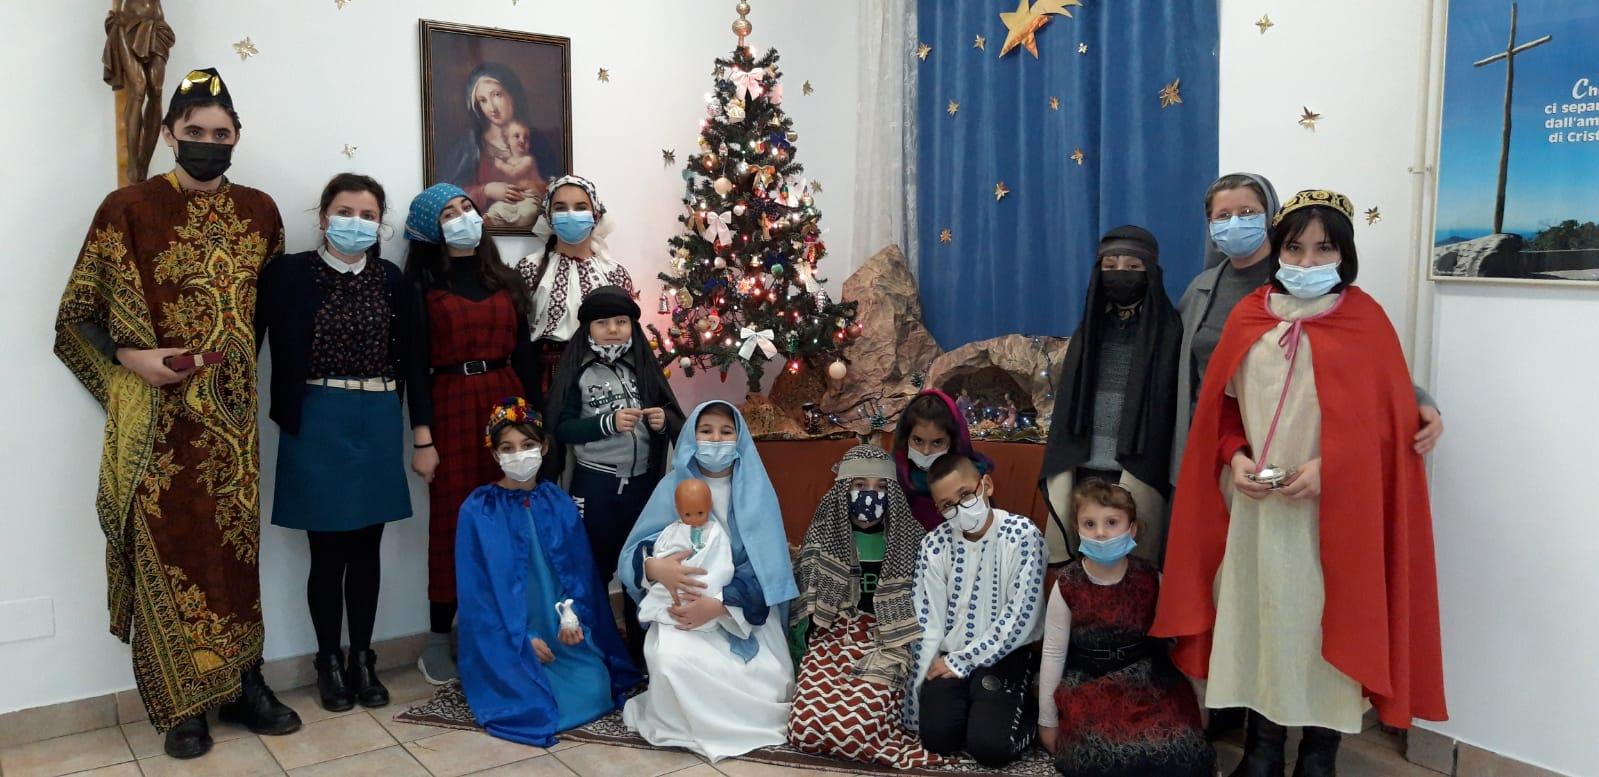 Să ne bucurăm căci a venit Crăciunul